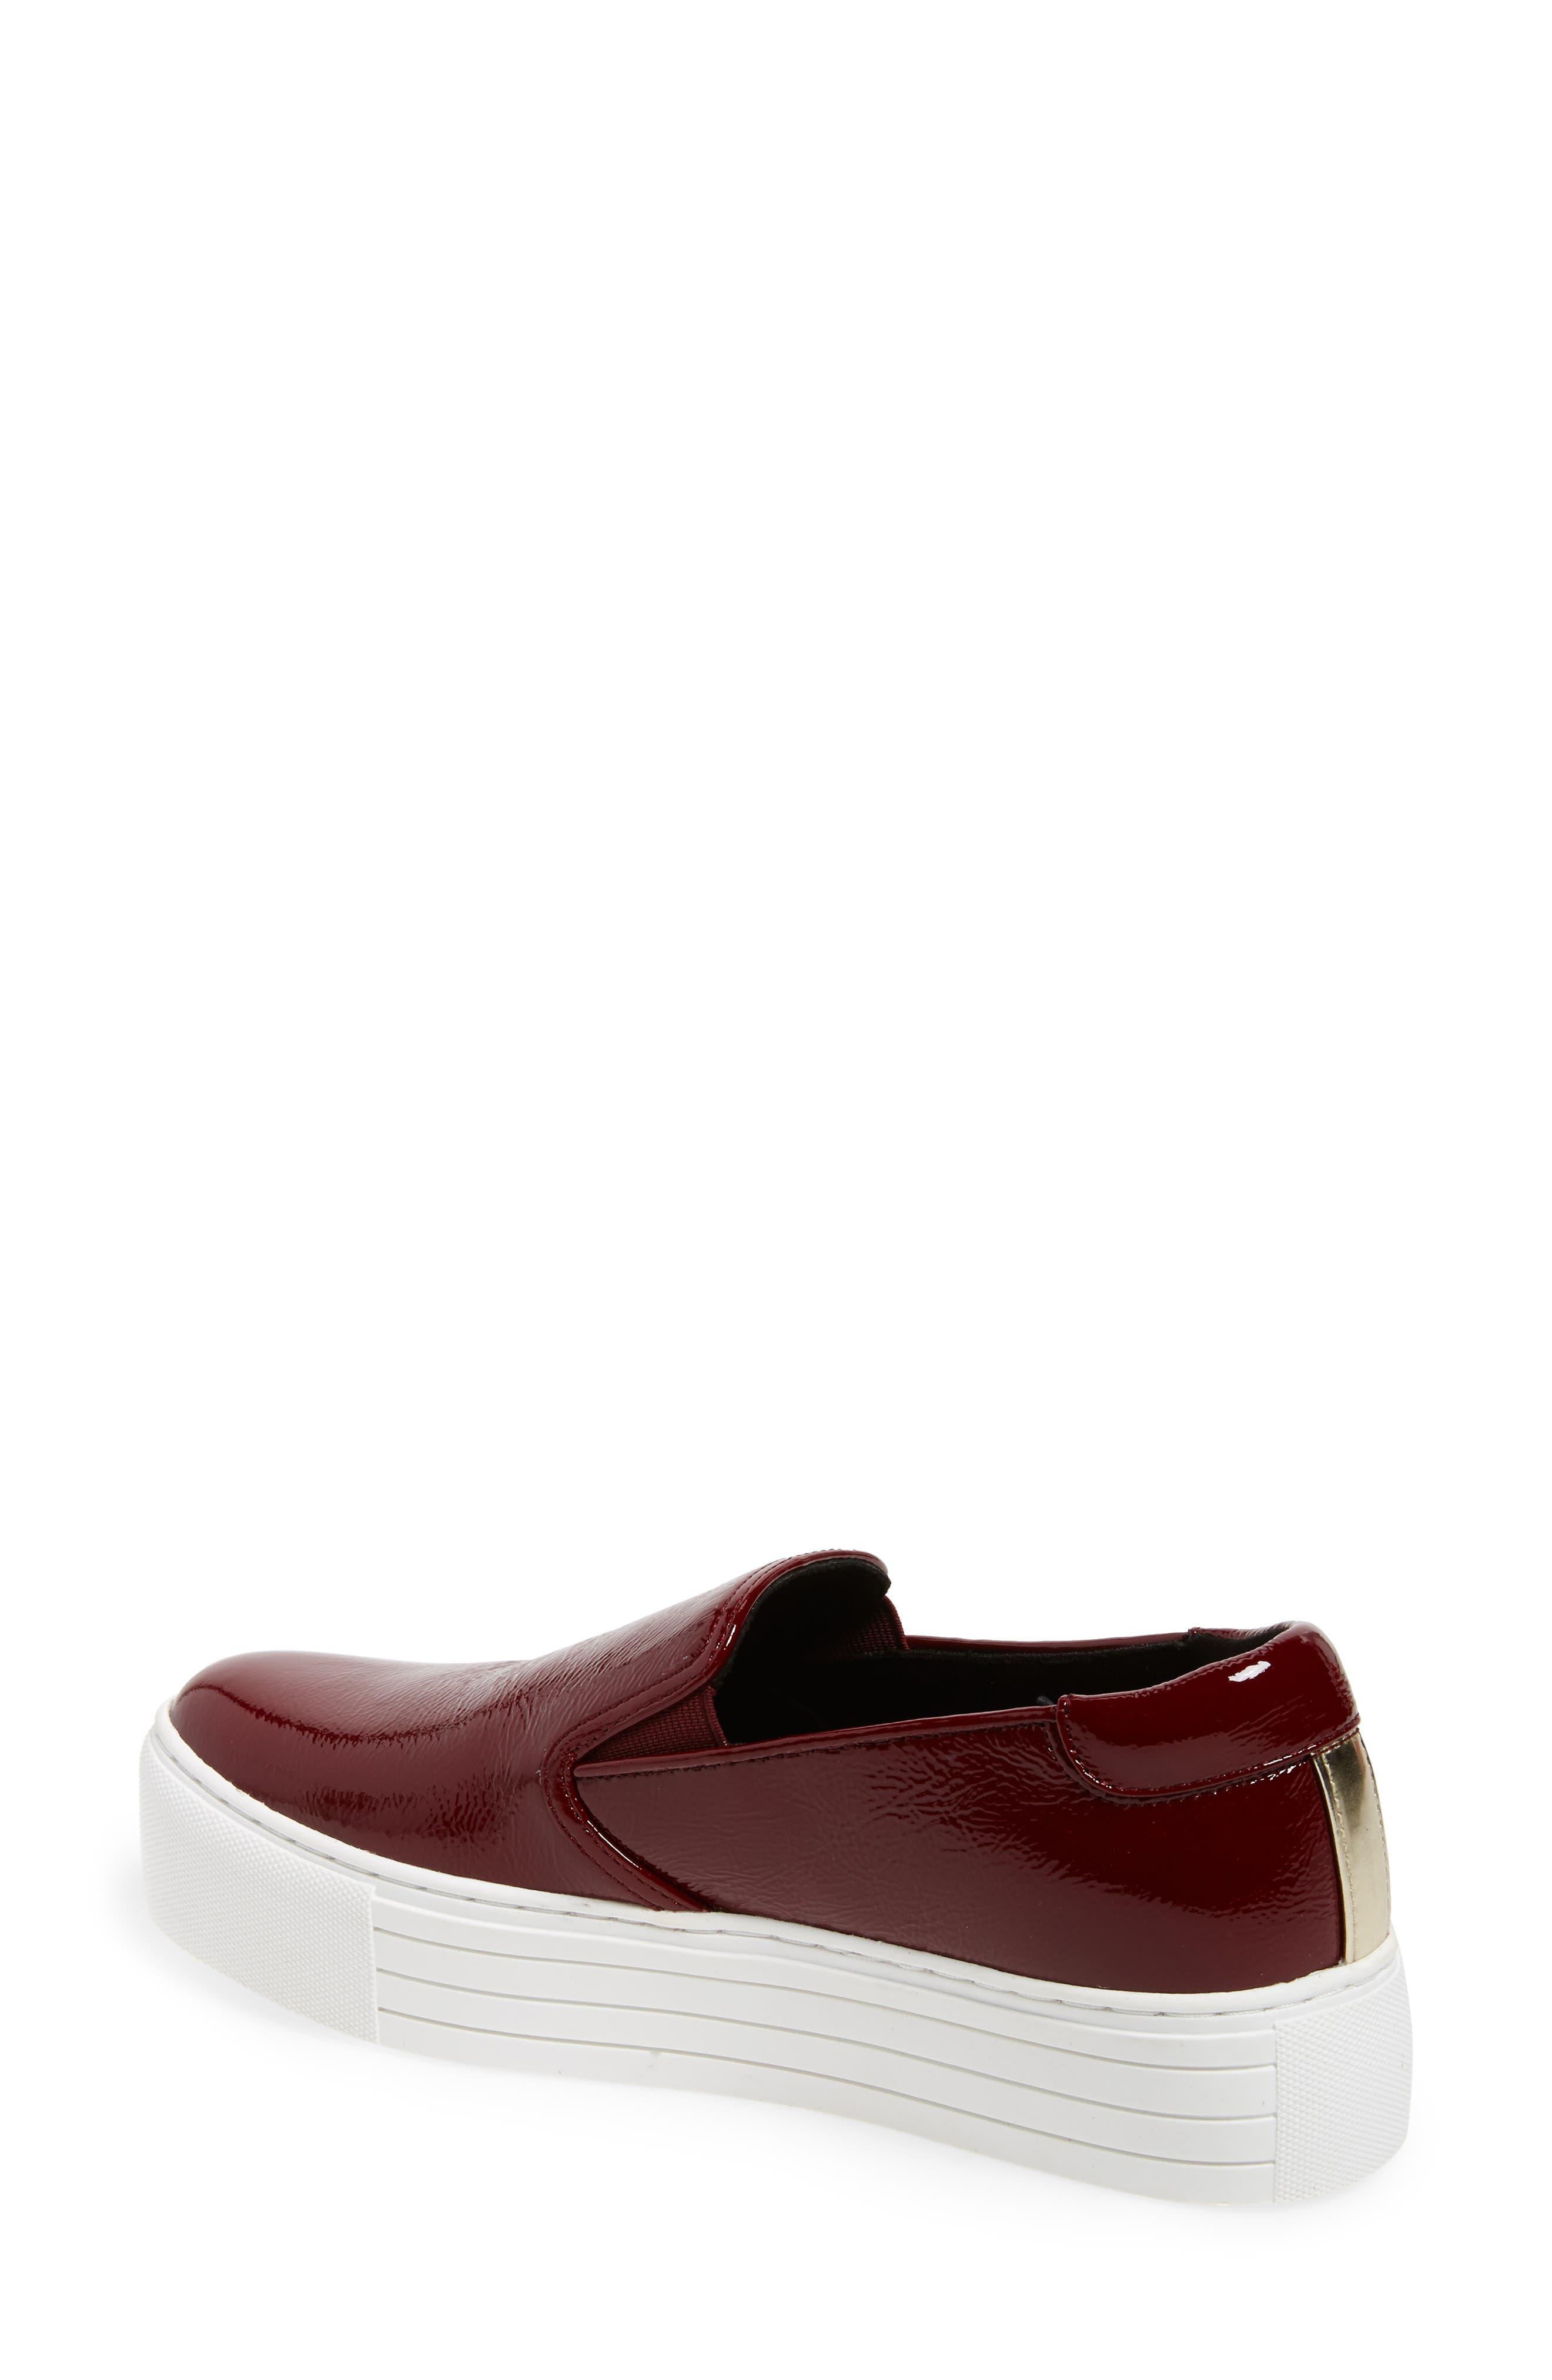 Joanie Slip-On Platform Sneaker,                             Alternate thumbnail 23, color,